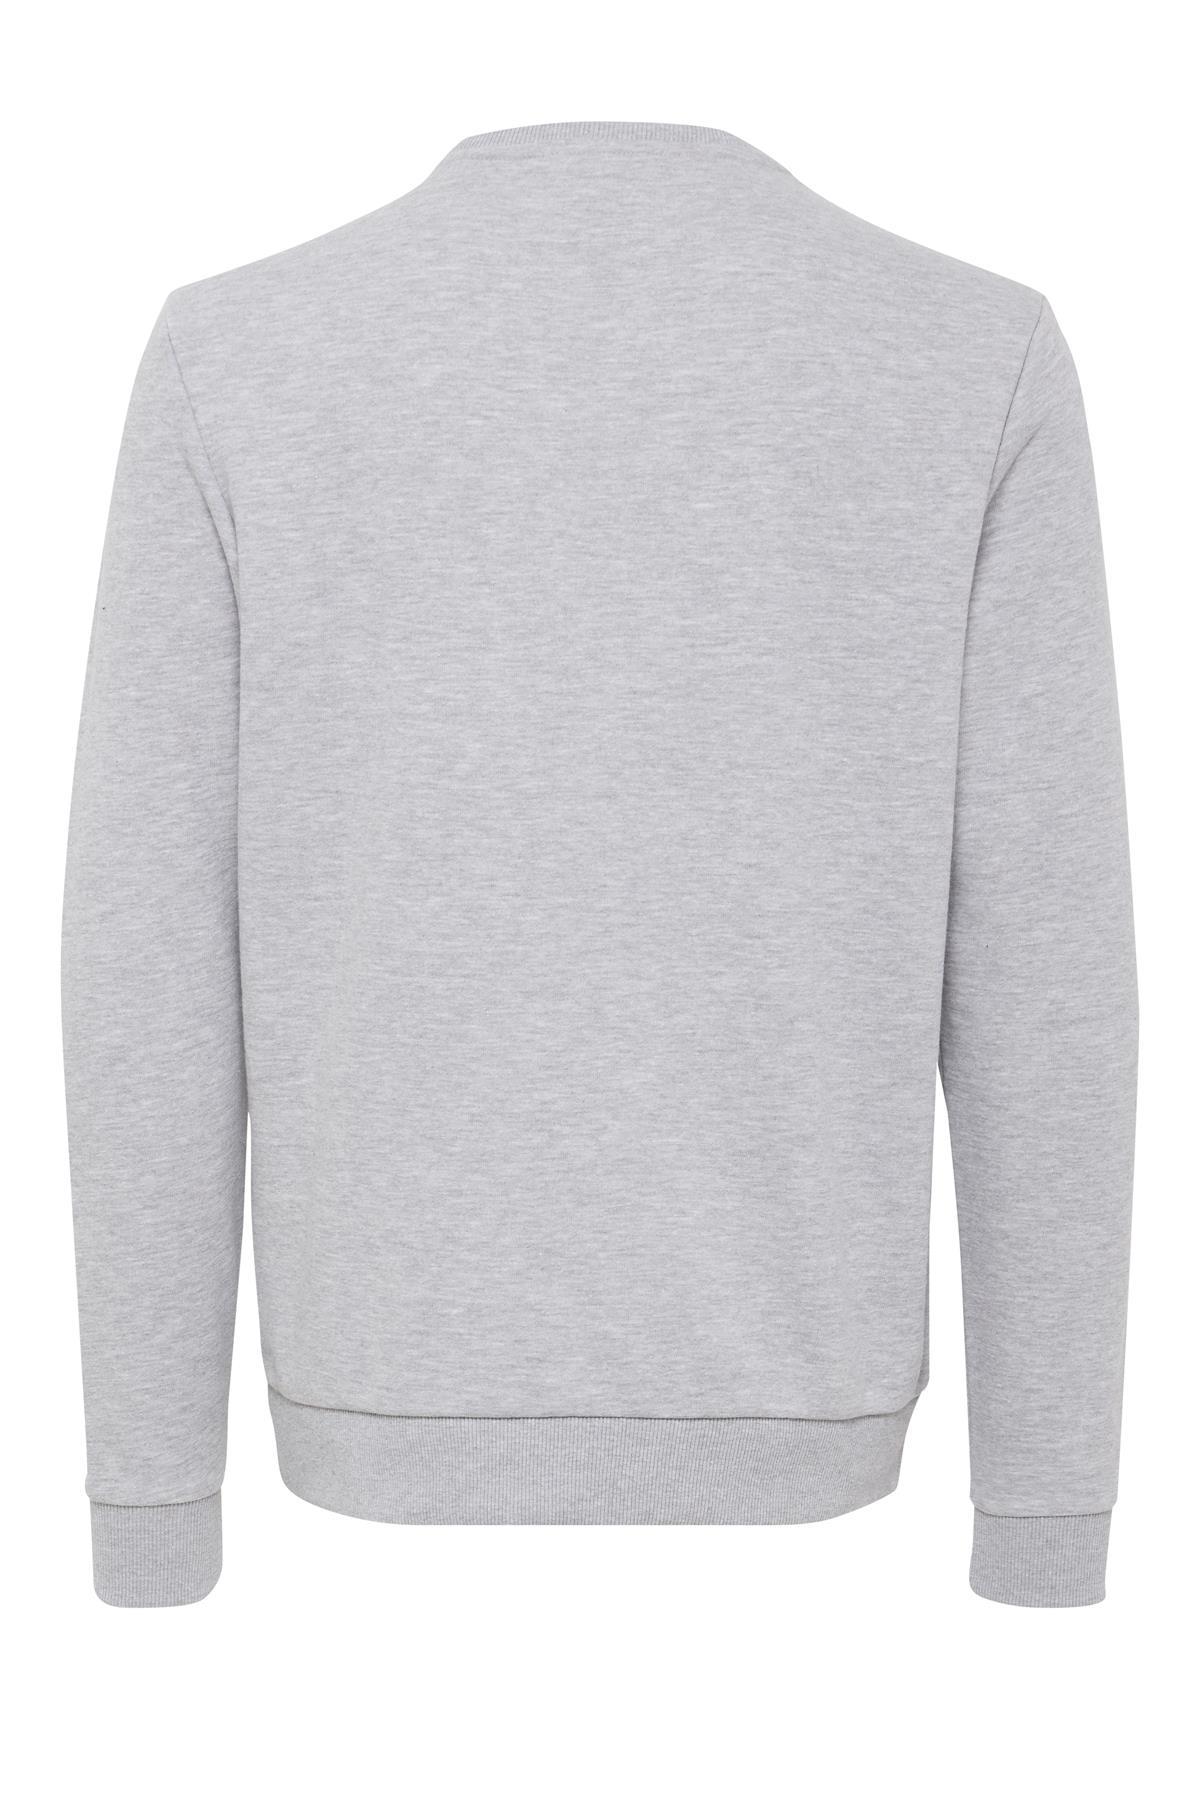 Stone mix Sweatshirt – Køb Stone mix Sweatshirt fra str. S-XXL her